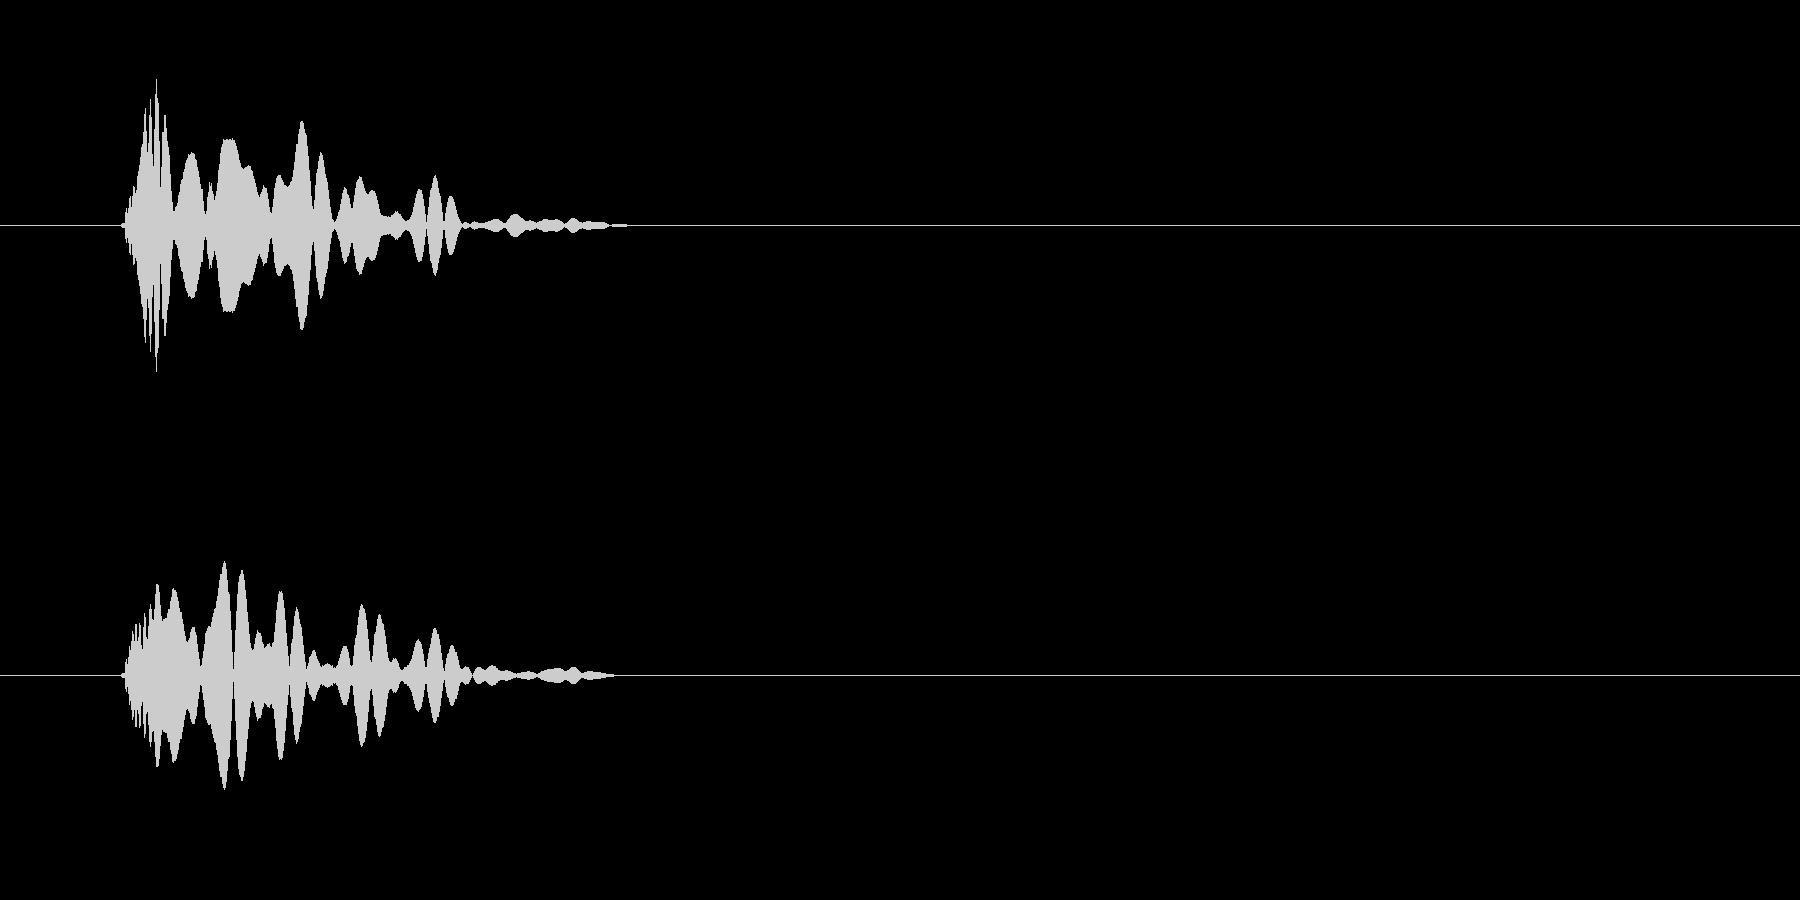 ポップソナーの未再生の波形